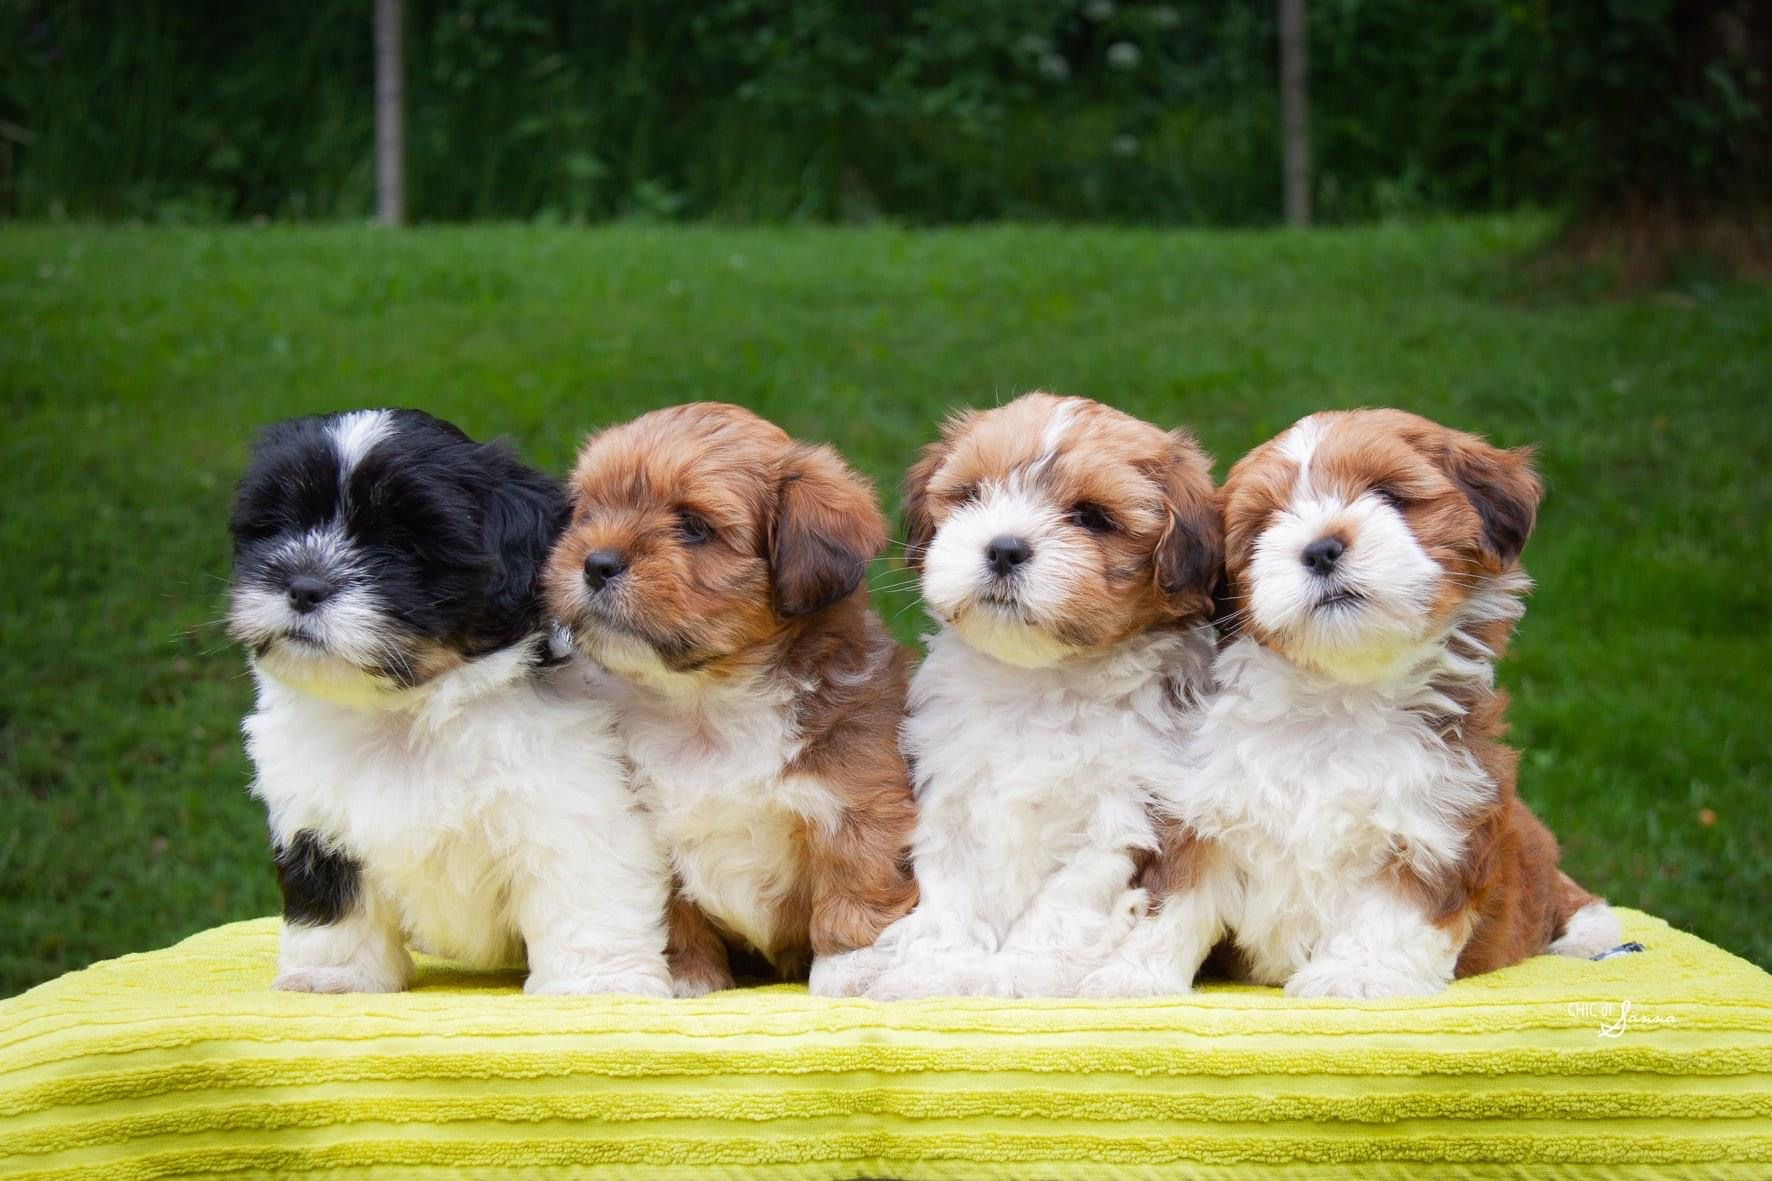 Summer puppies 2020 in Finland